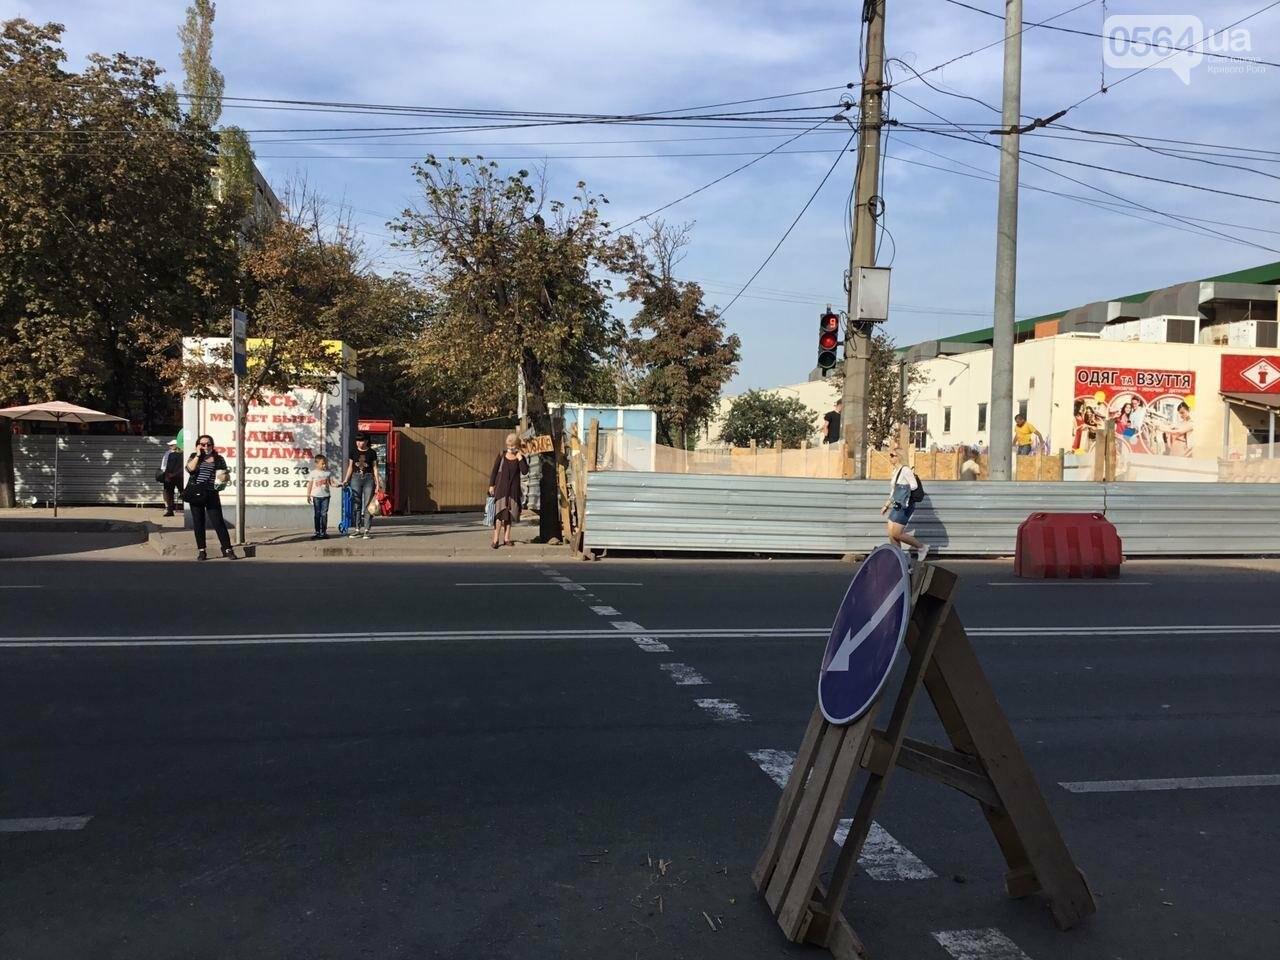 Как проходит реконструкция пешеходного перехода на улице Лермонтова в Кривом Роге, - ФОТО, фото-7